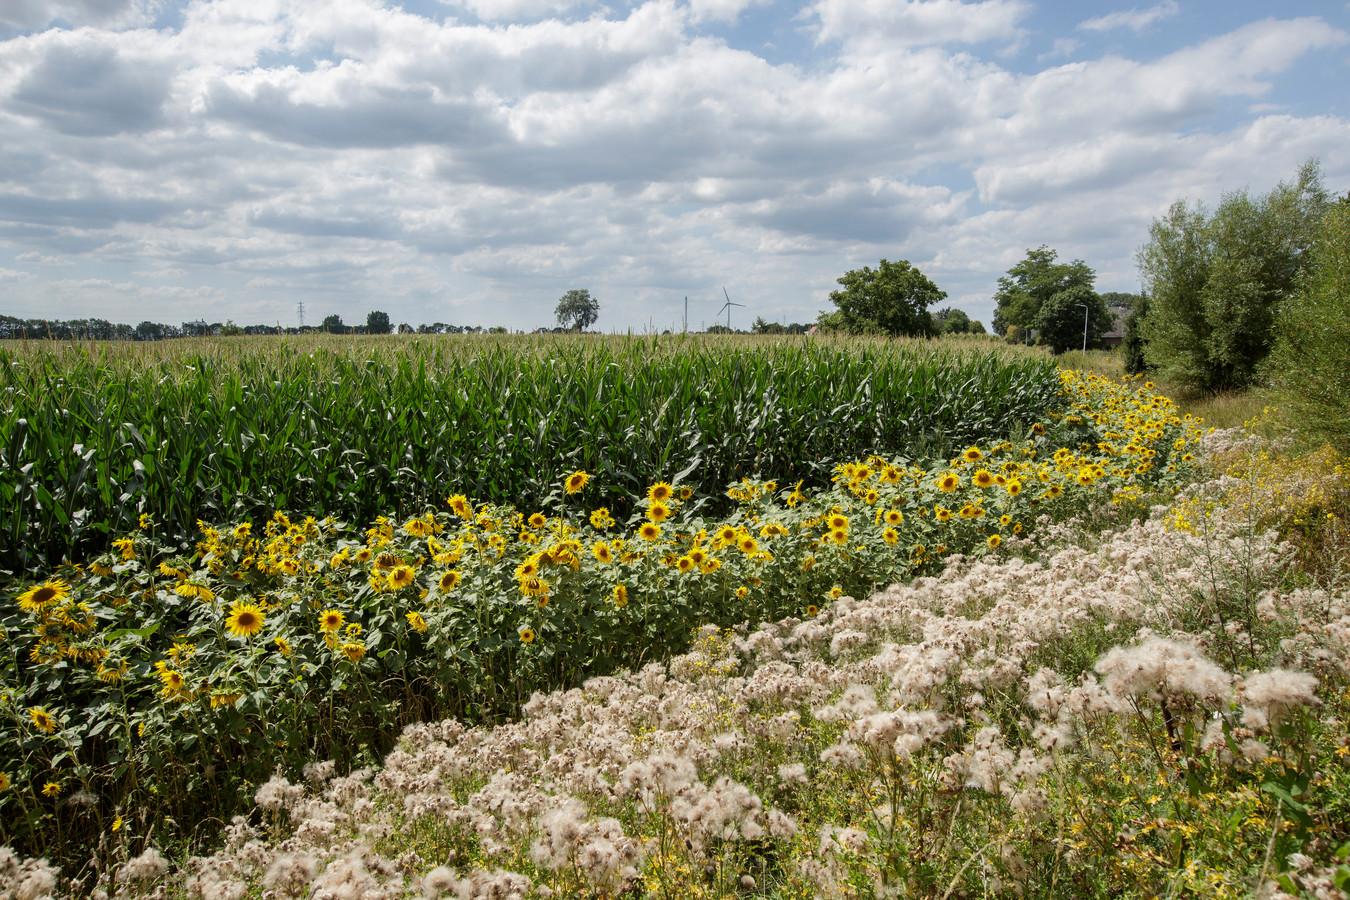 Het zonnebloemenlint in 2019, 25 kilometer lang, dwars door de gemeente Lochem. De bijenpopulatie is behoorlijk gegroeid en de biodiversteit is toegenomen.